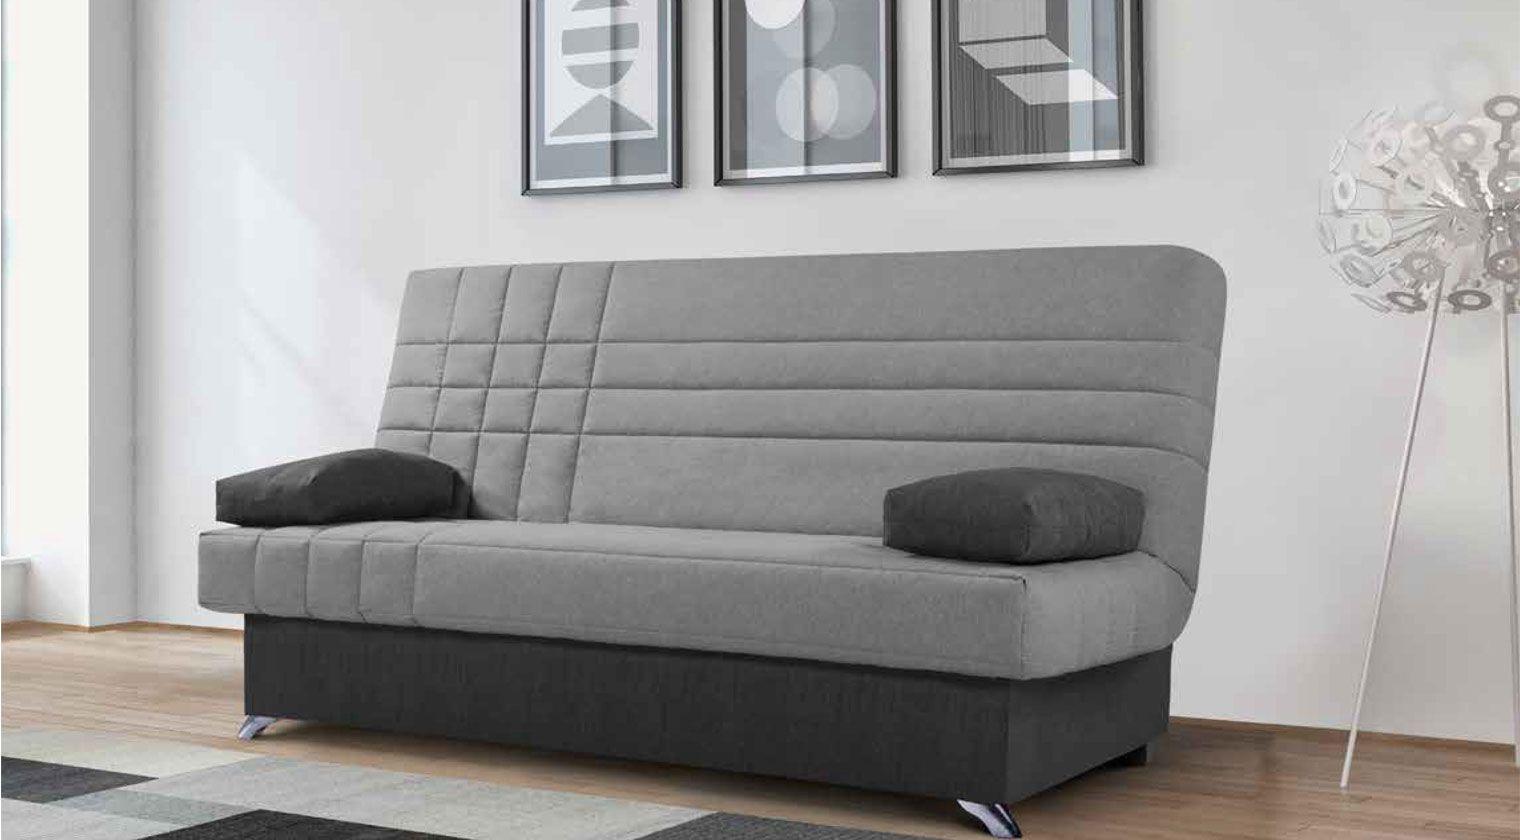 Sof cama zaragoza sofas cama clic clac for Sofas cama clic clac baratos